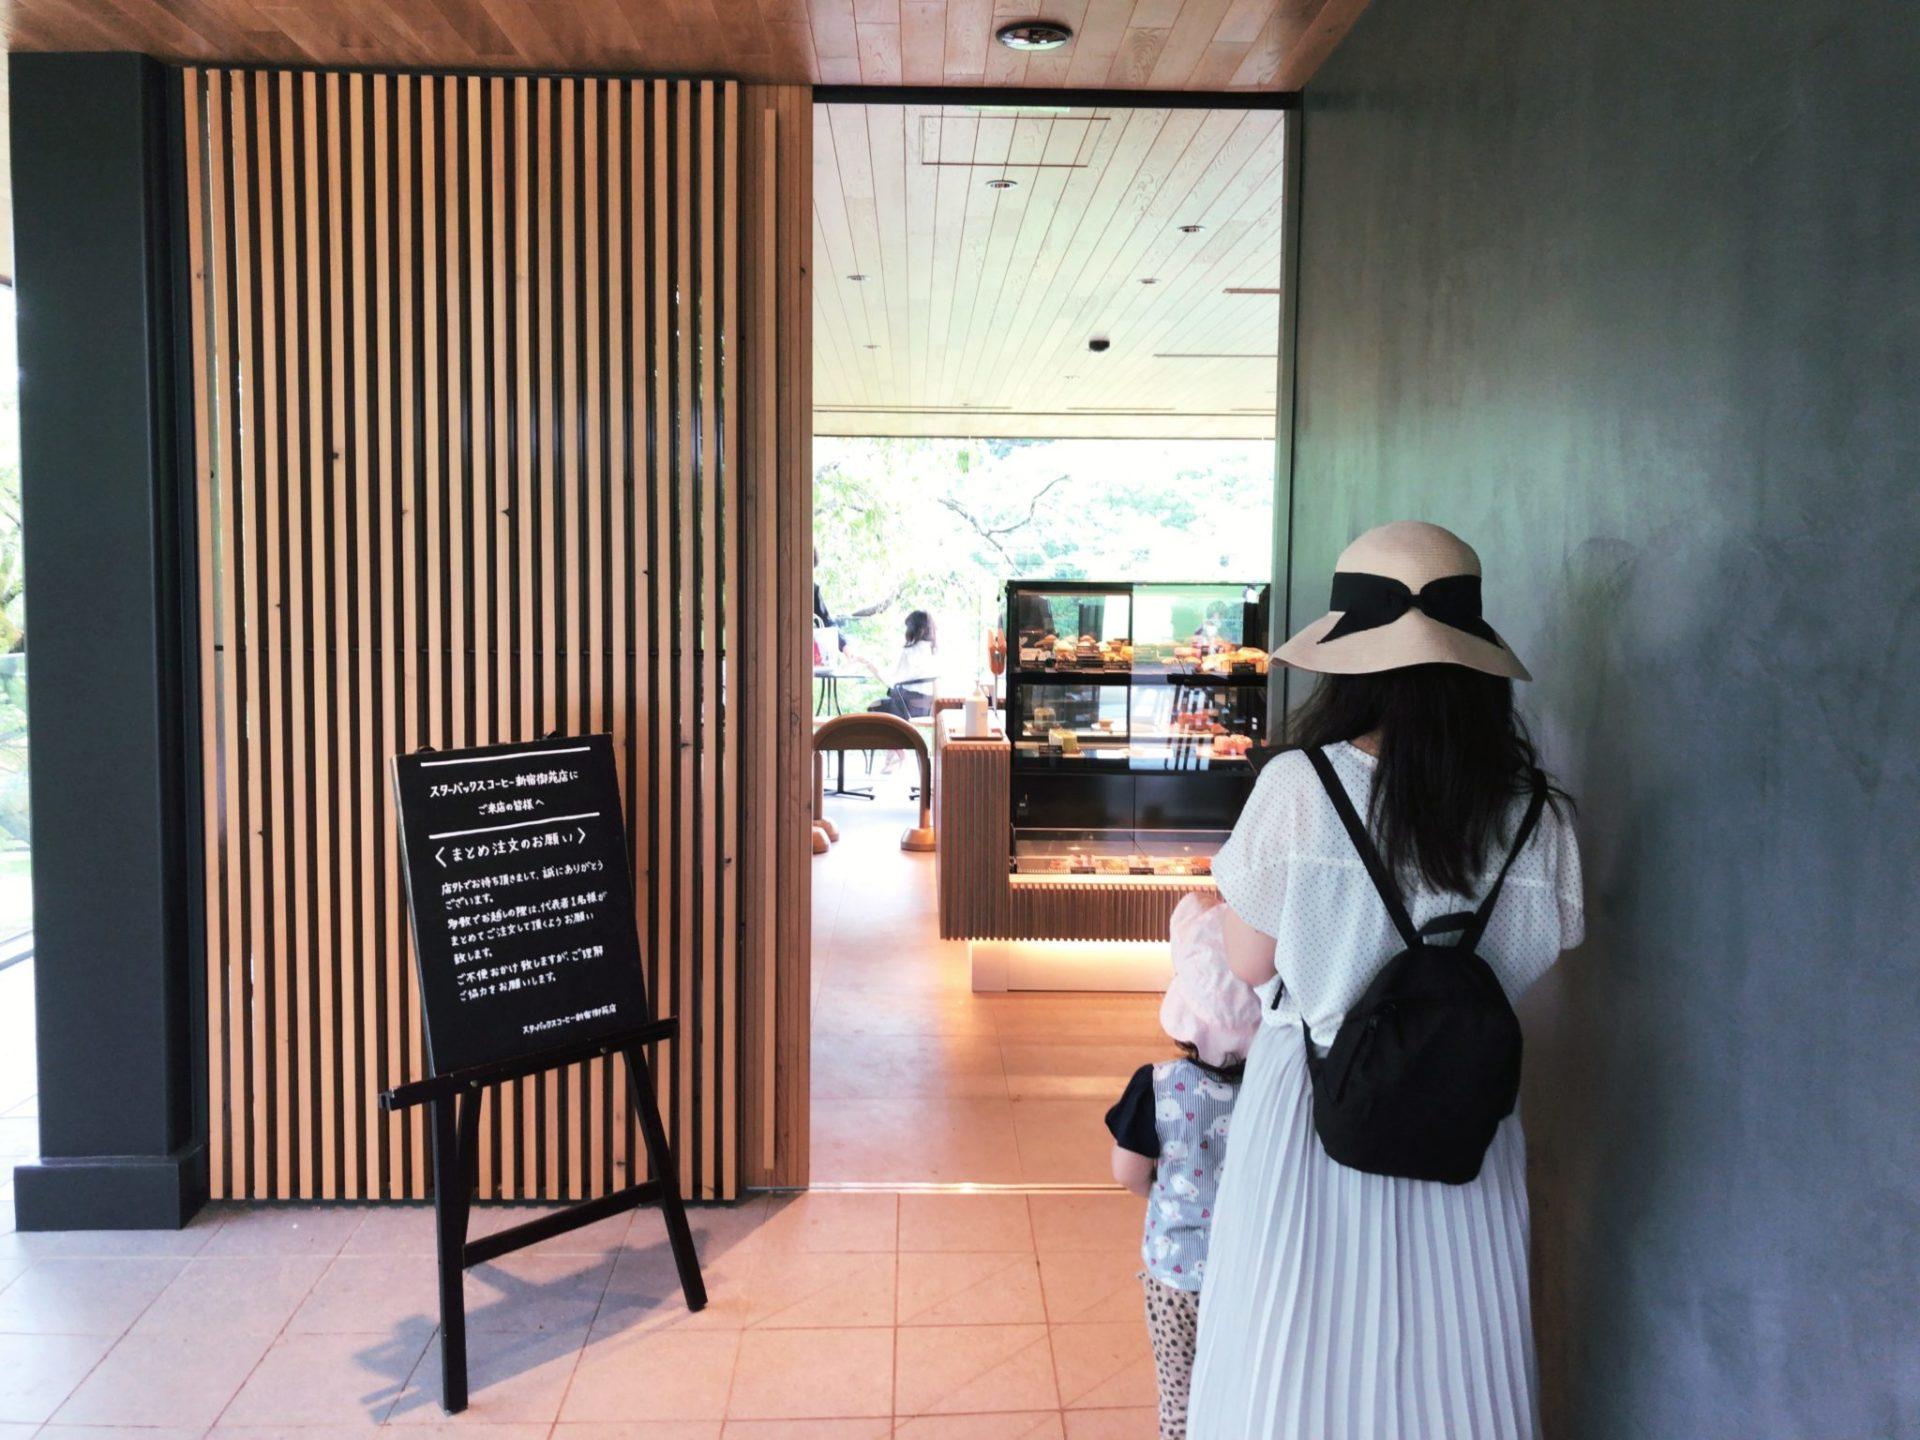 スタバ 新宿御苑店の入り口